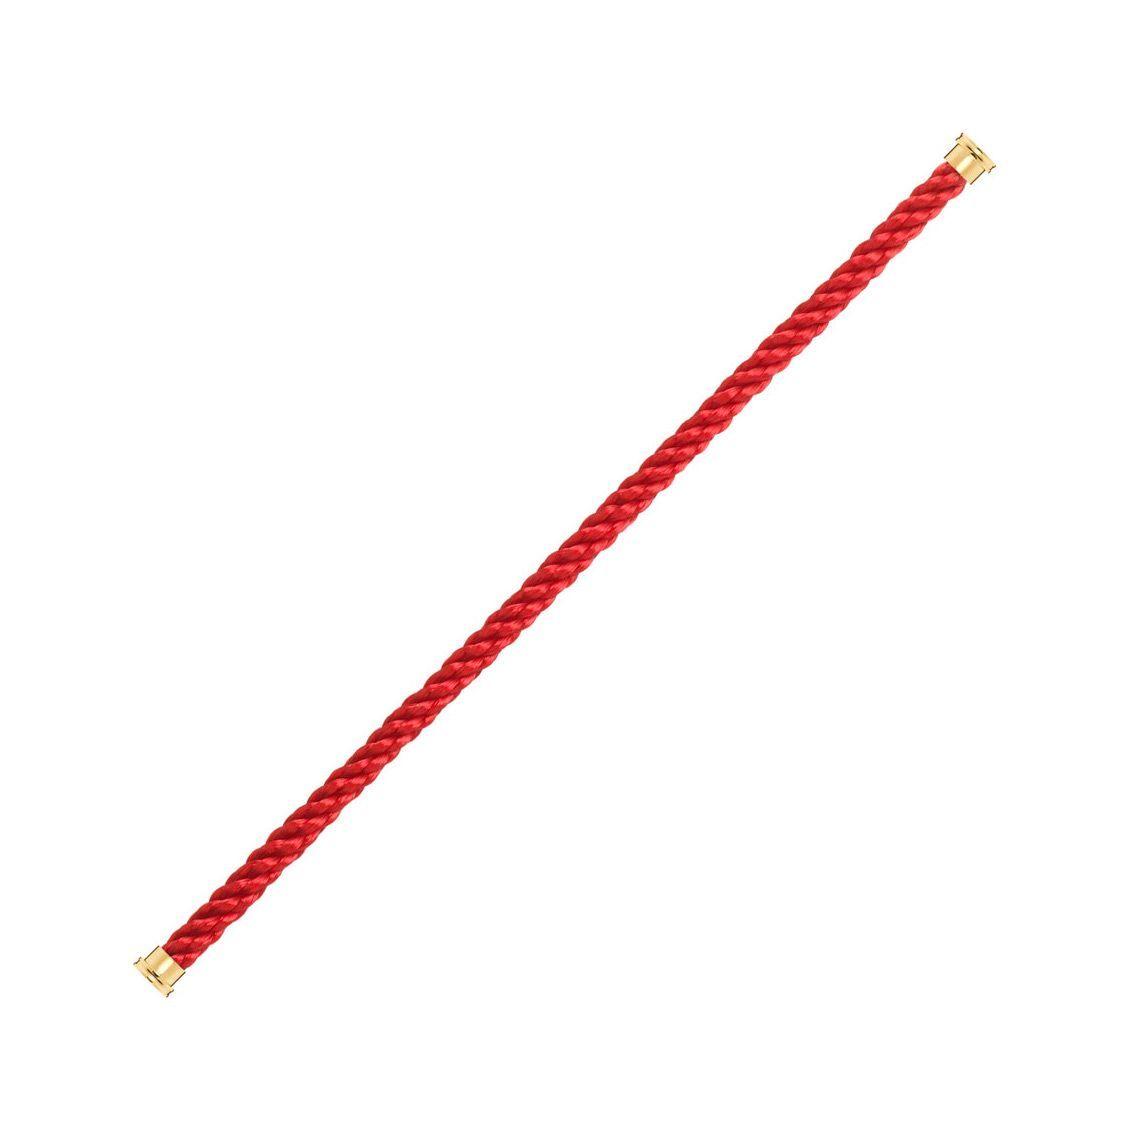 Câble grand modèle pour bracelet FRED Force 10 rouge en Corderie avec embouts plaqué or jaune vue 1